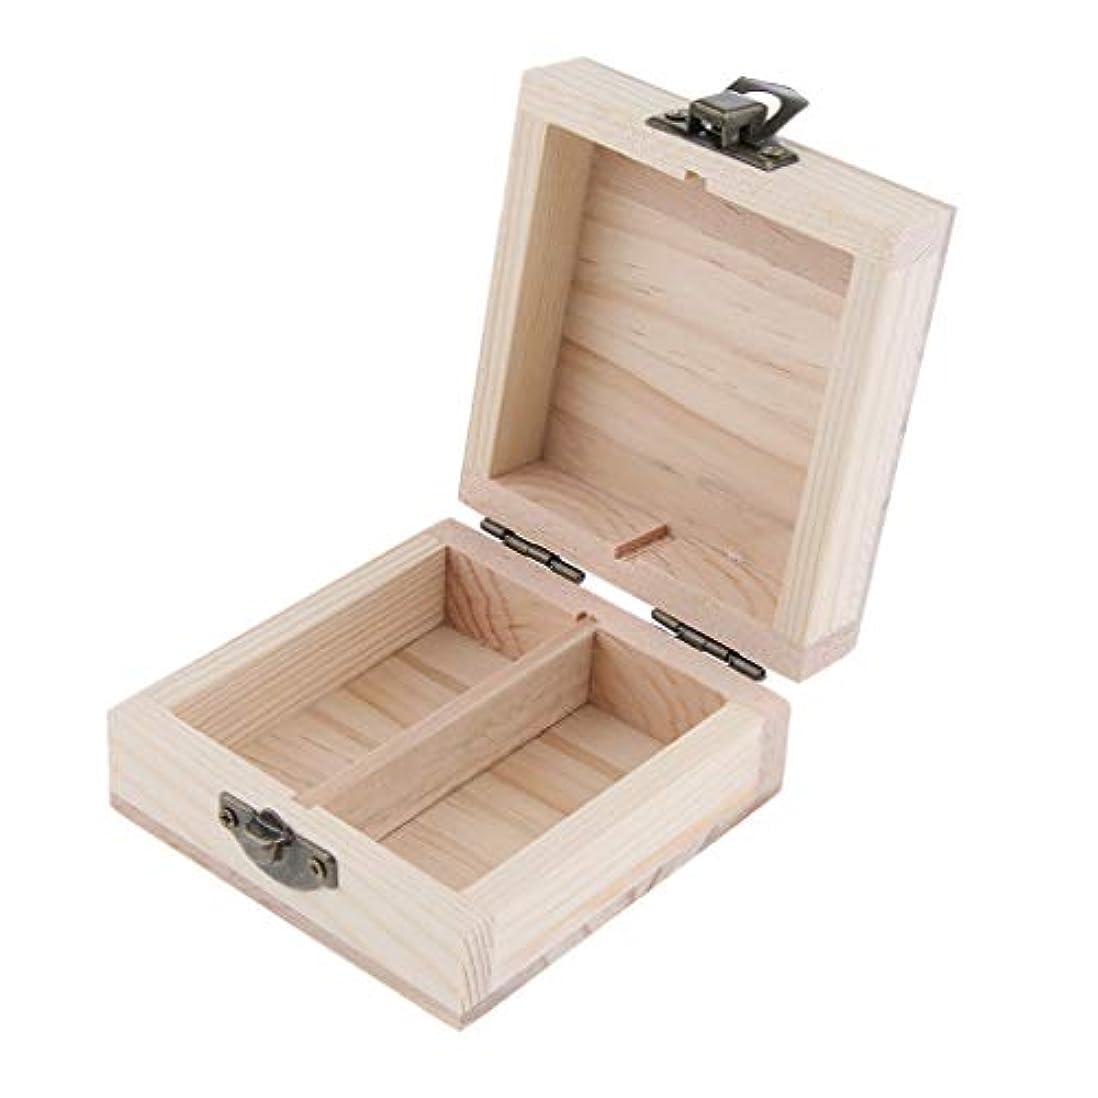 不幸時刻表等価Baoblaze エッセンシャルオイルケース アロマケース 木製 2本入れ 展示用 15ミリボトル